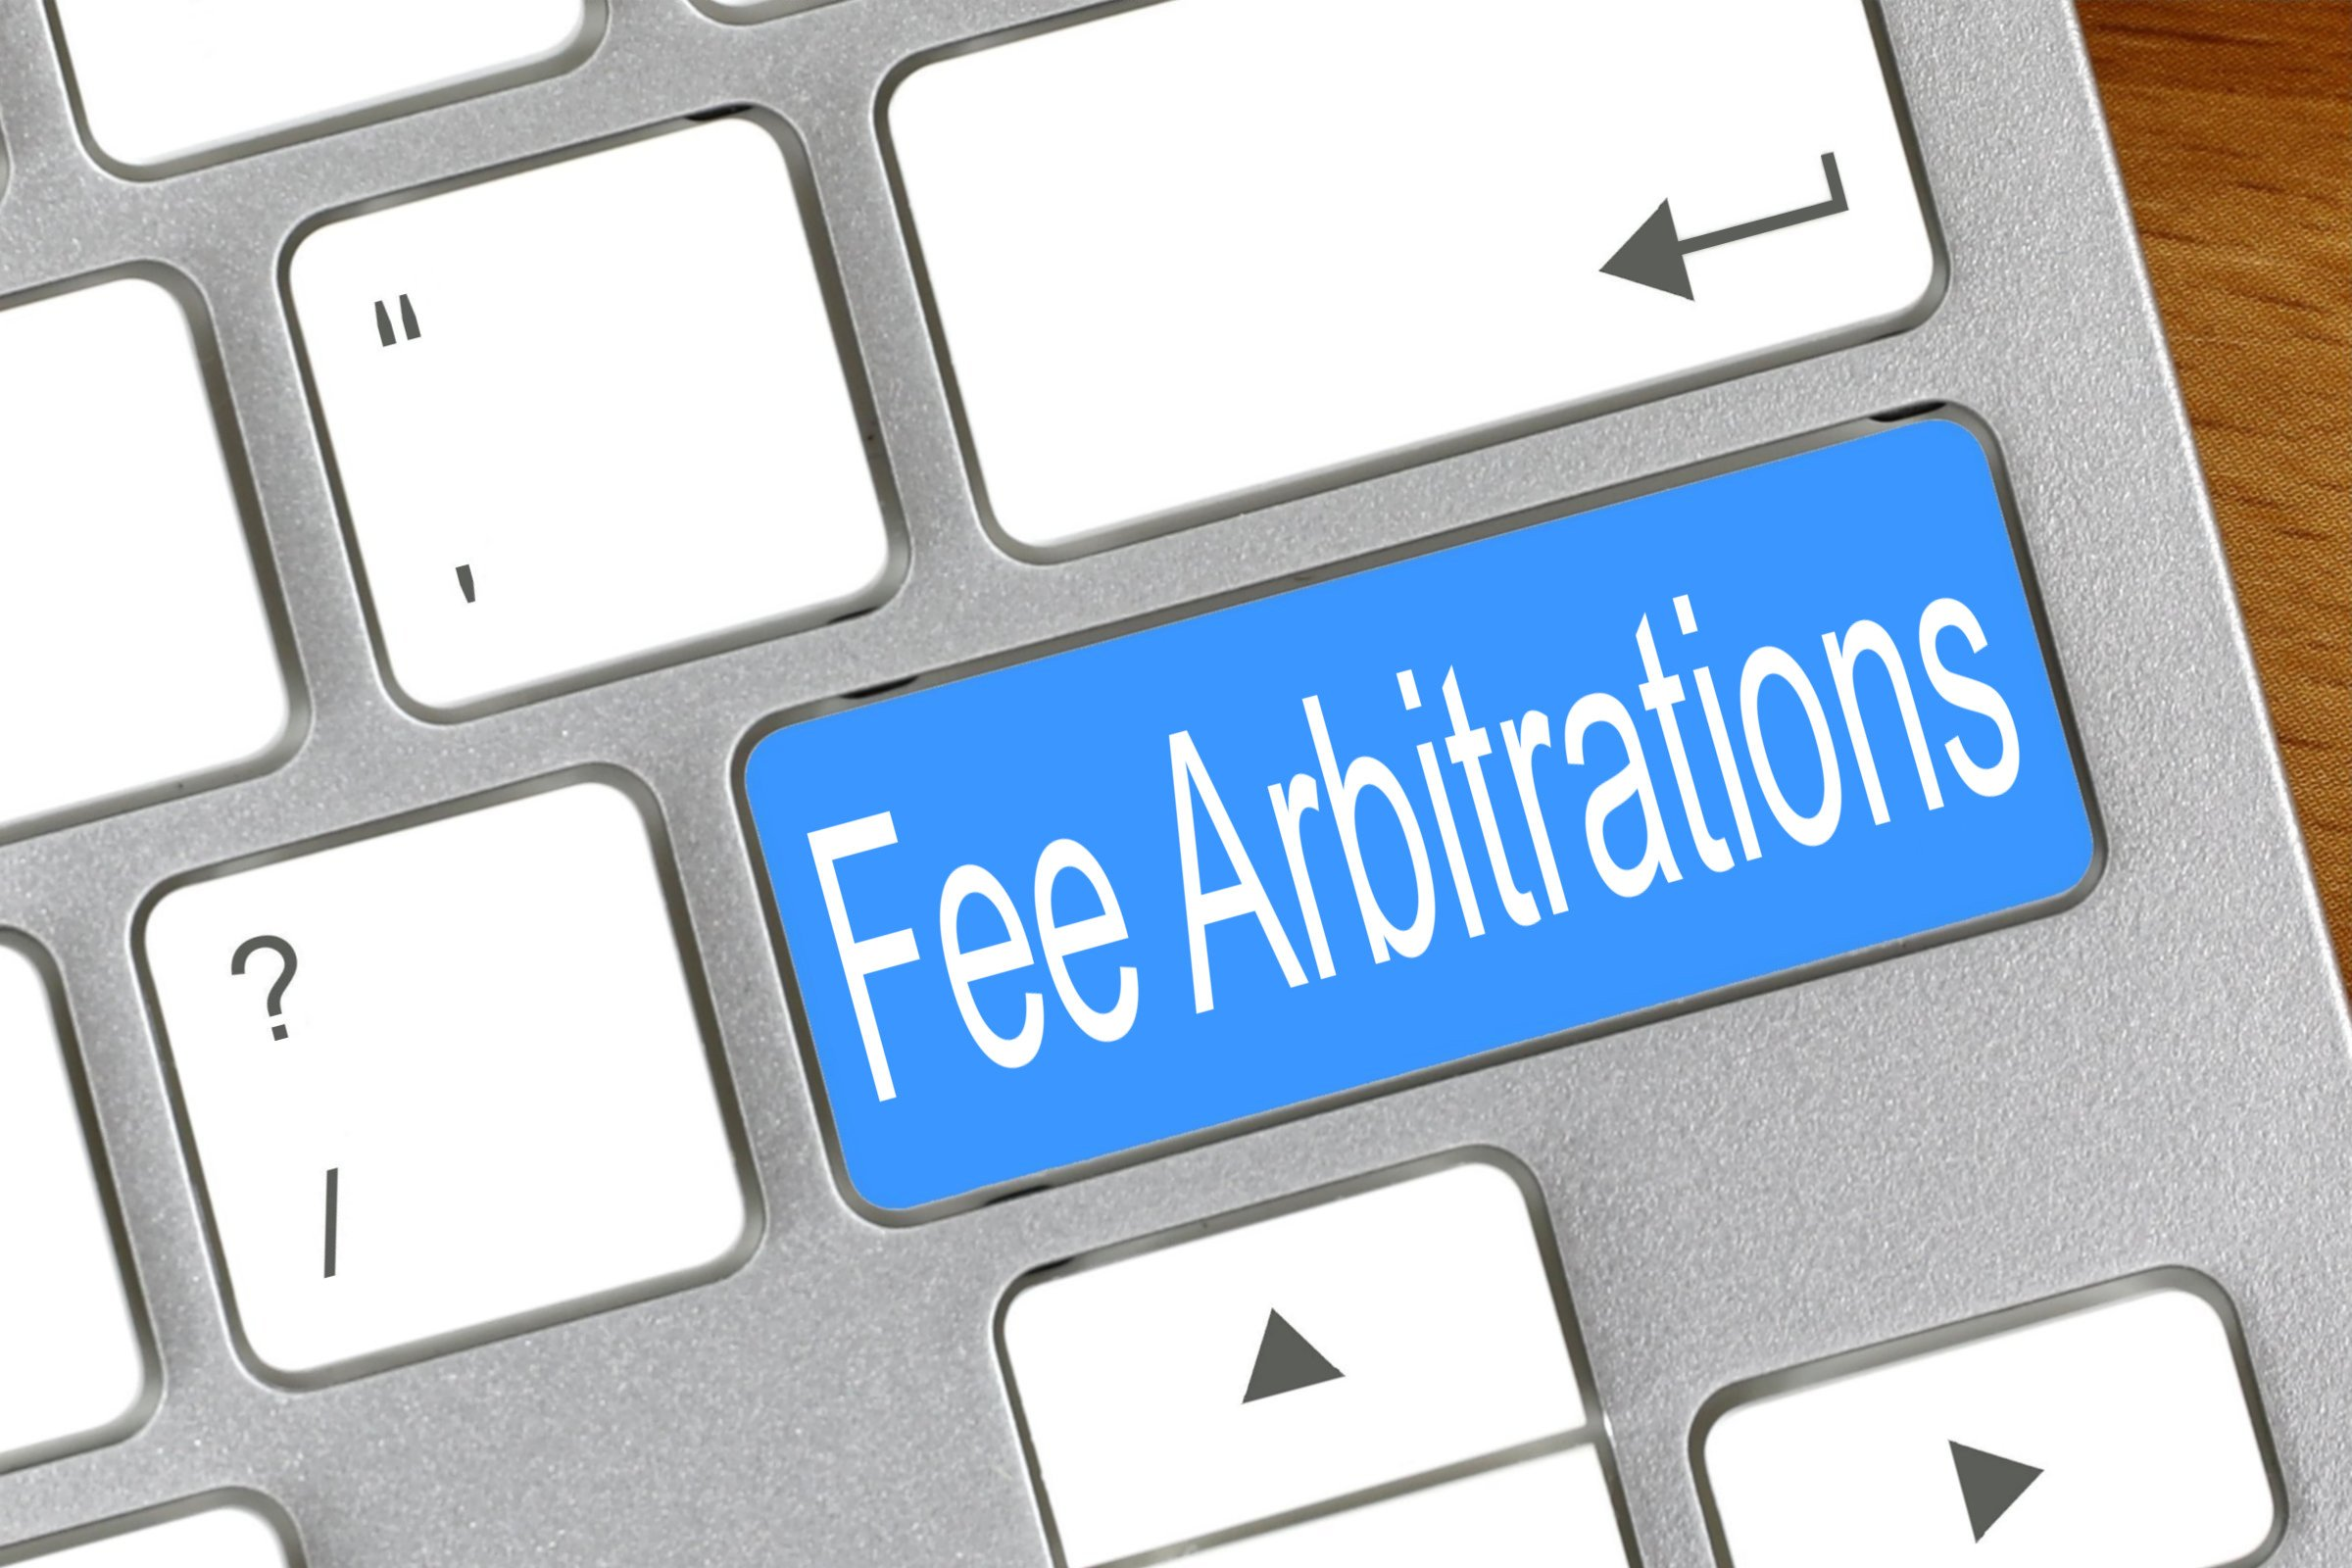 Fee Arbitrations